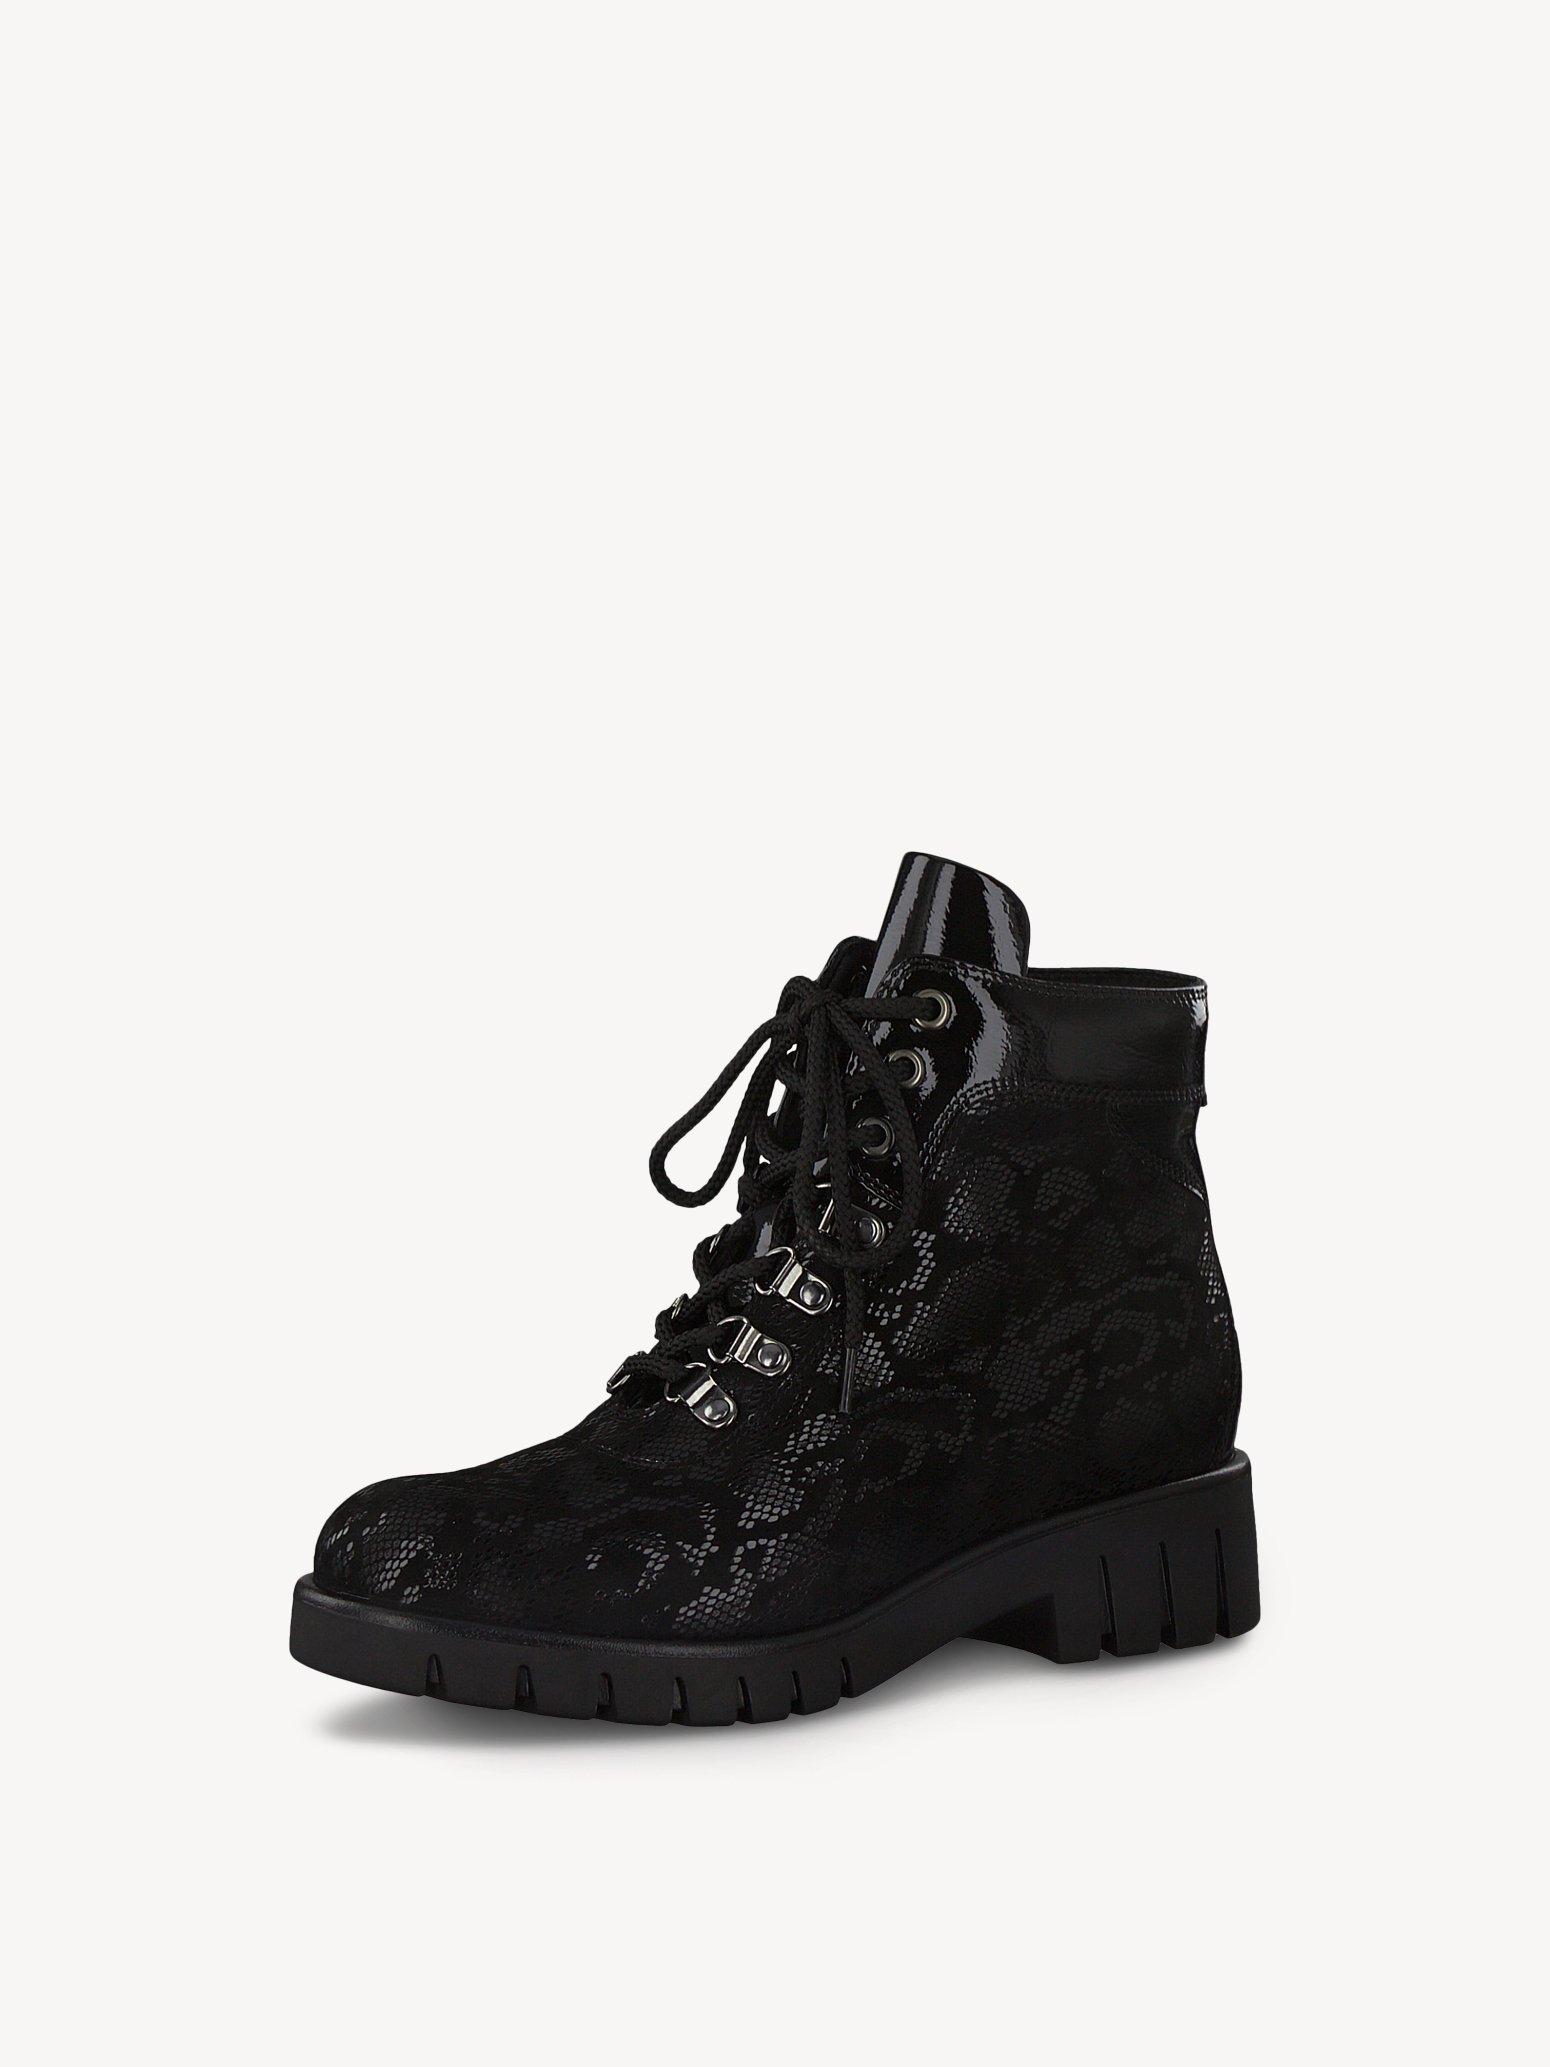 Ботинки Tamaris 1-1-26299-25-006 фотография